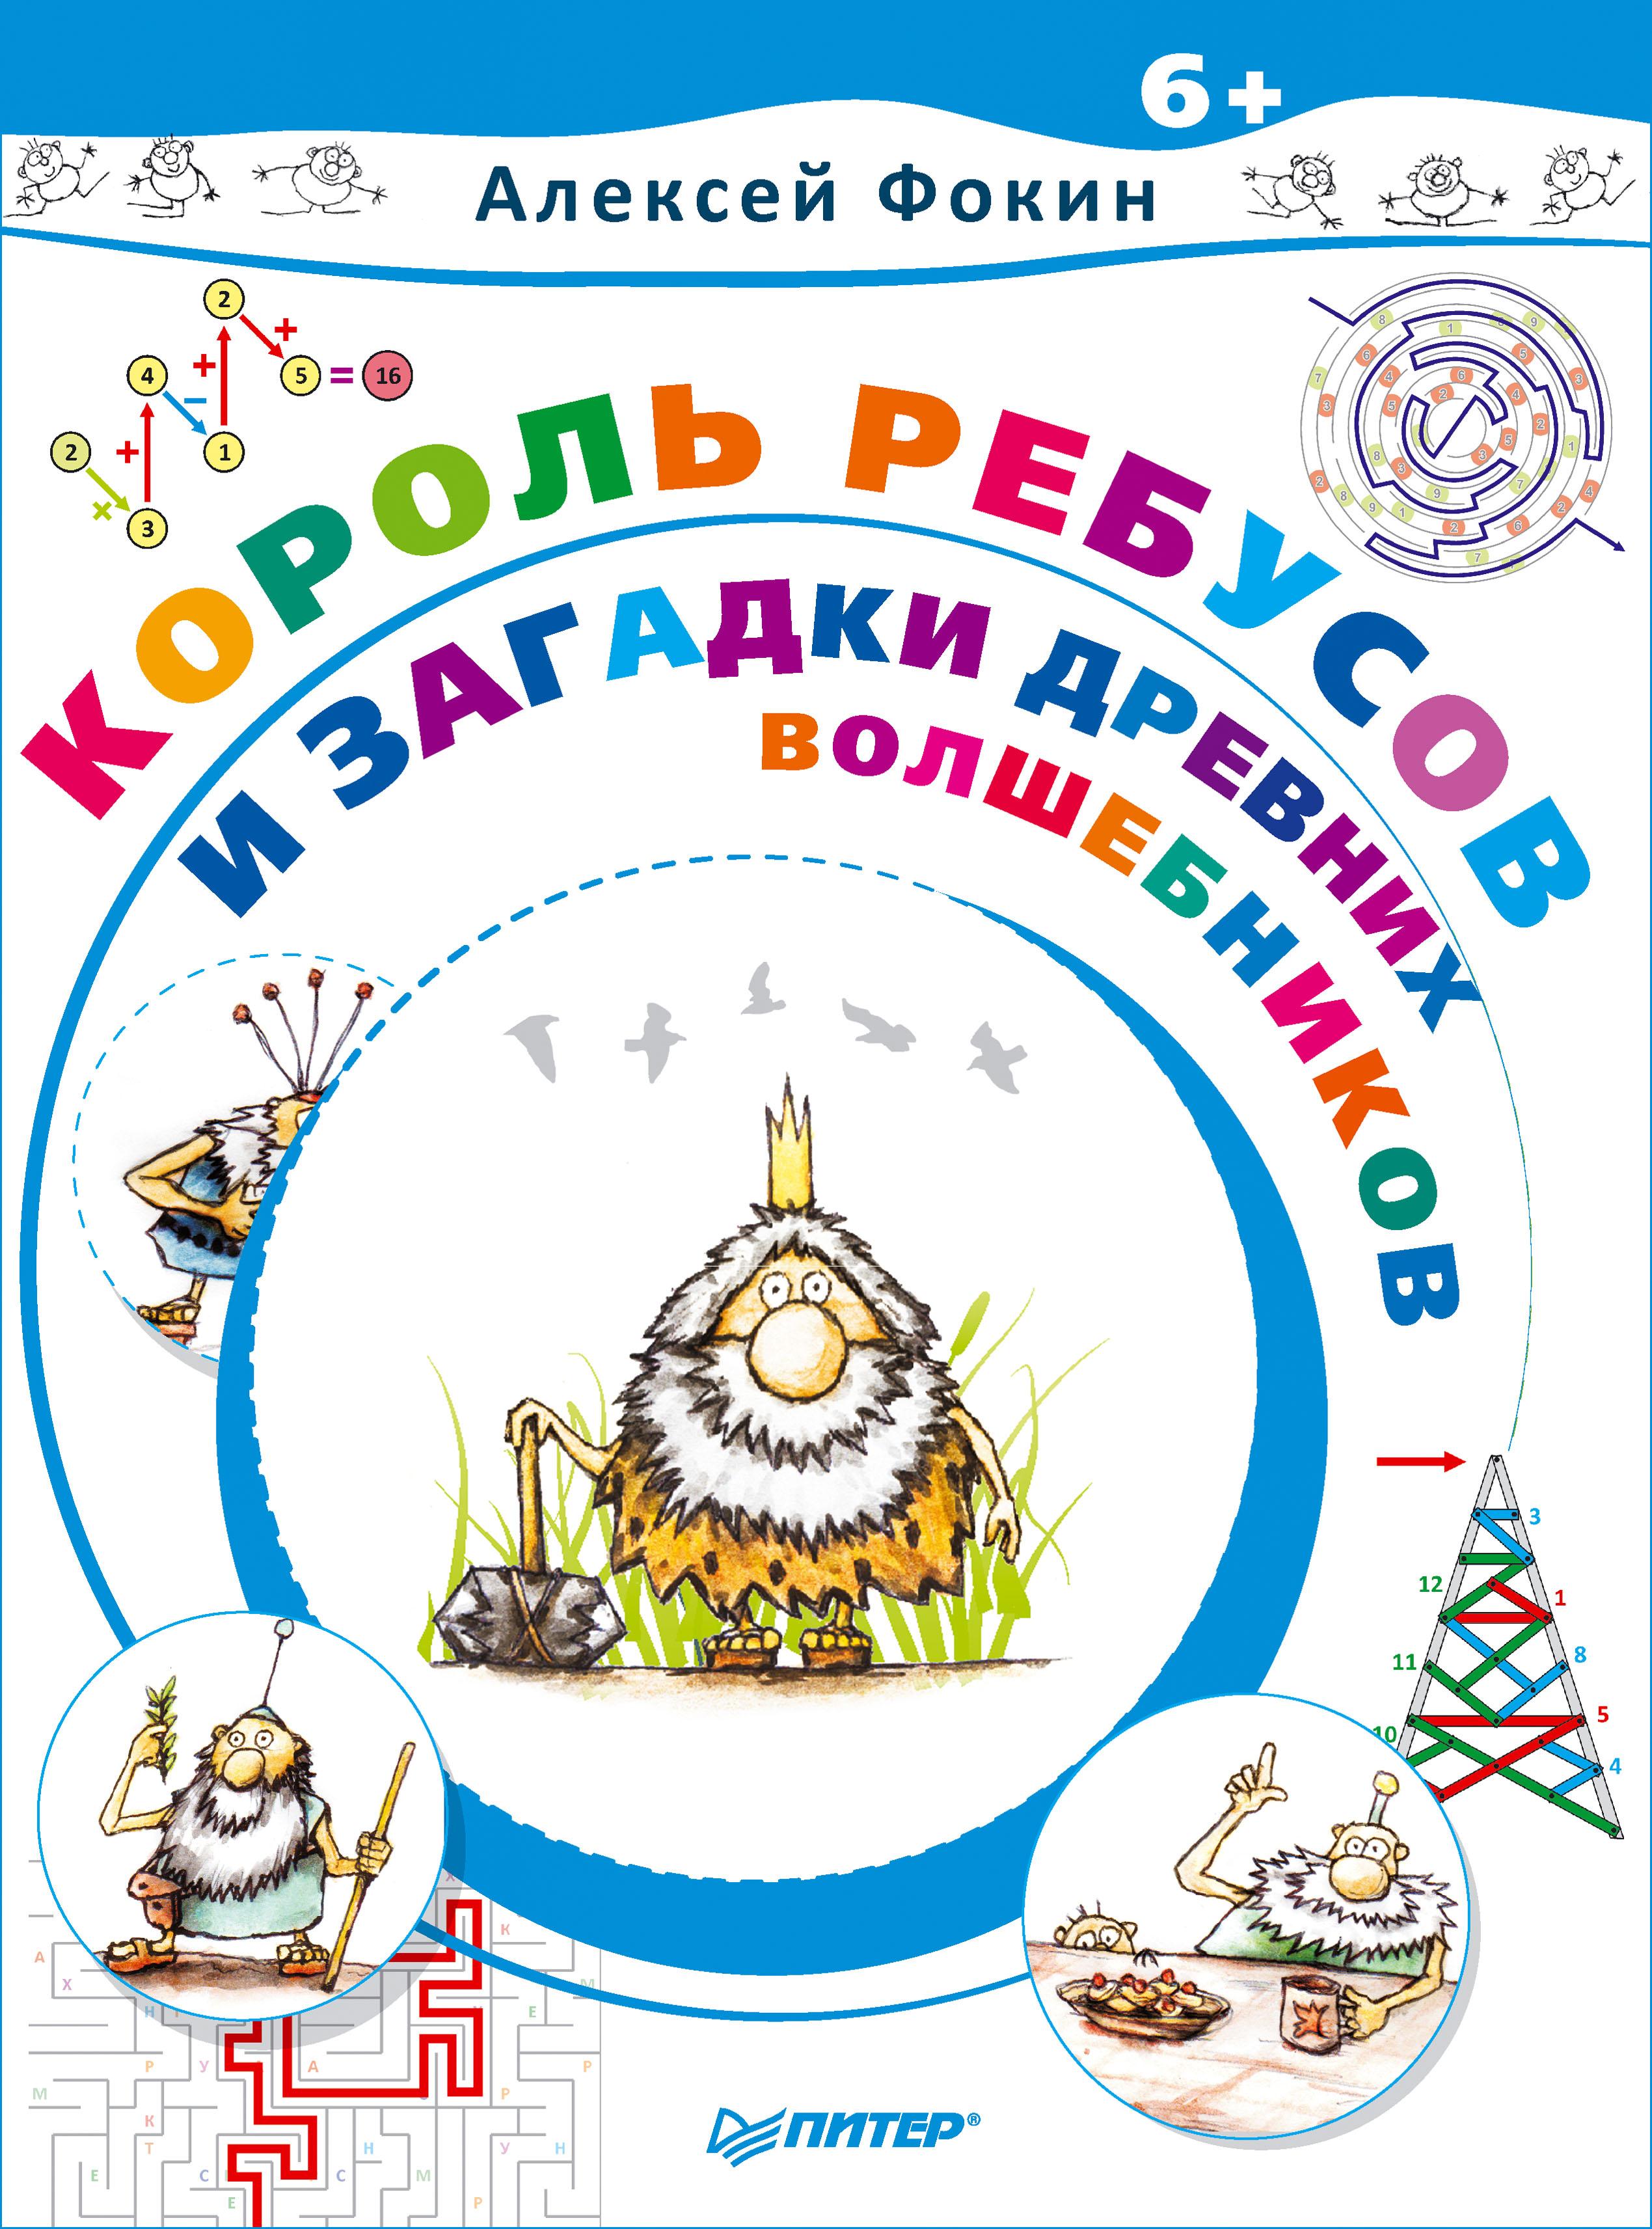 Алексей Фокин Король Ребусов и загадки древних волшебников